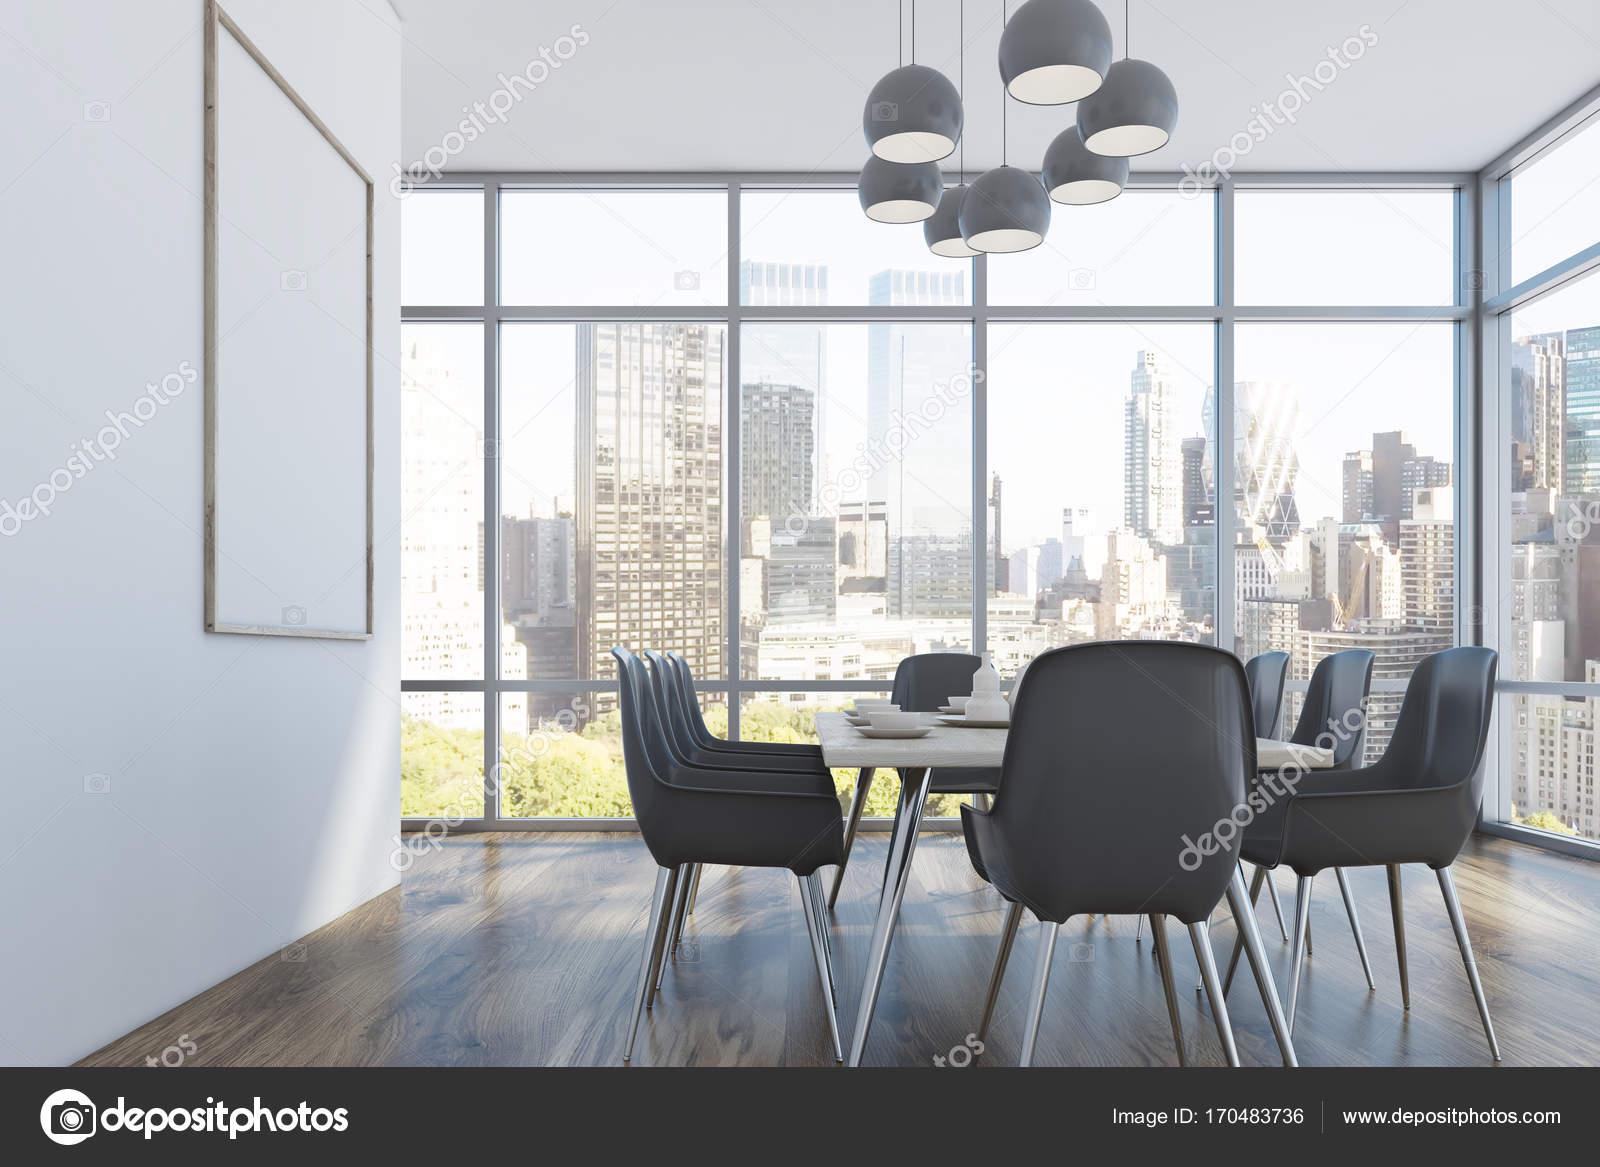 wnde esszimmer, esszimmer, graue stühle, seite — stockfoto © denisismagilov #170483736, Design ideen